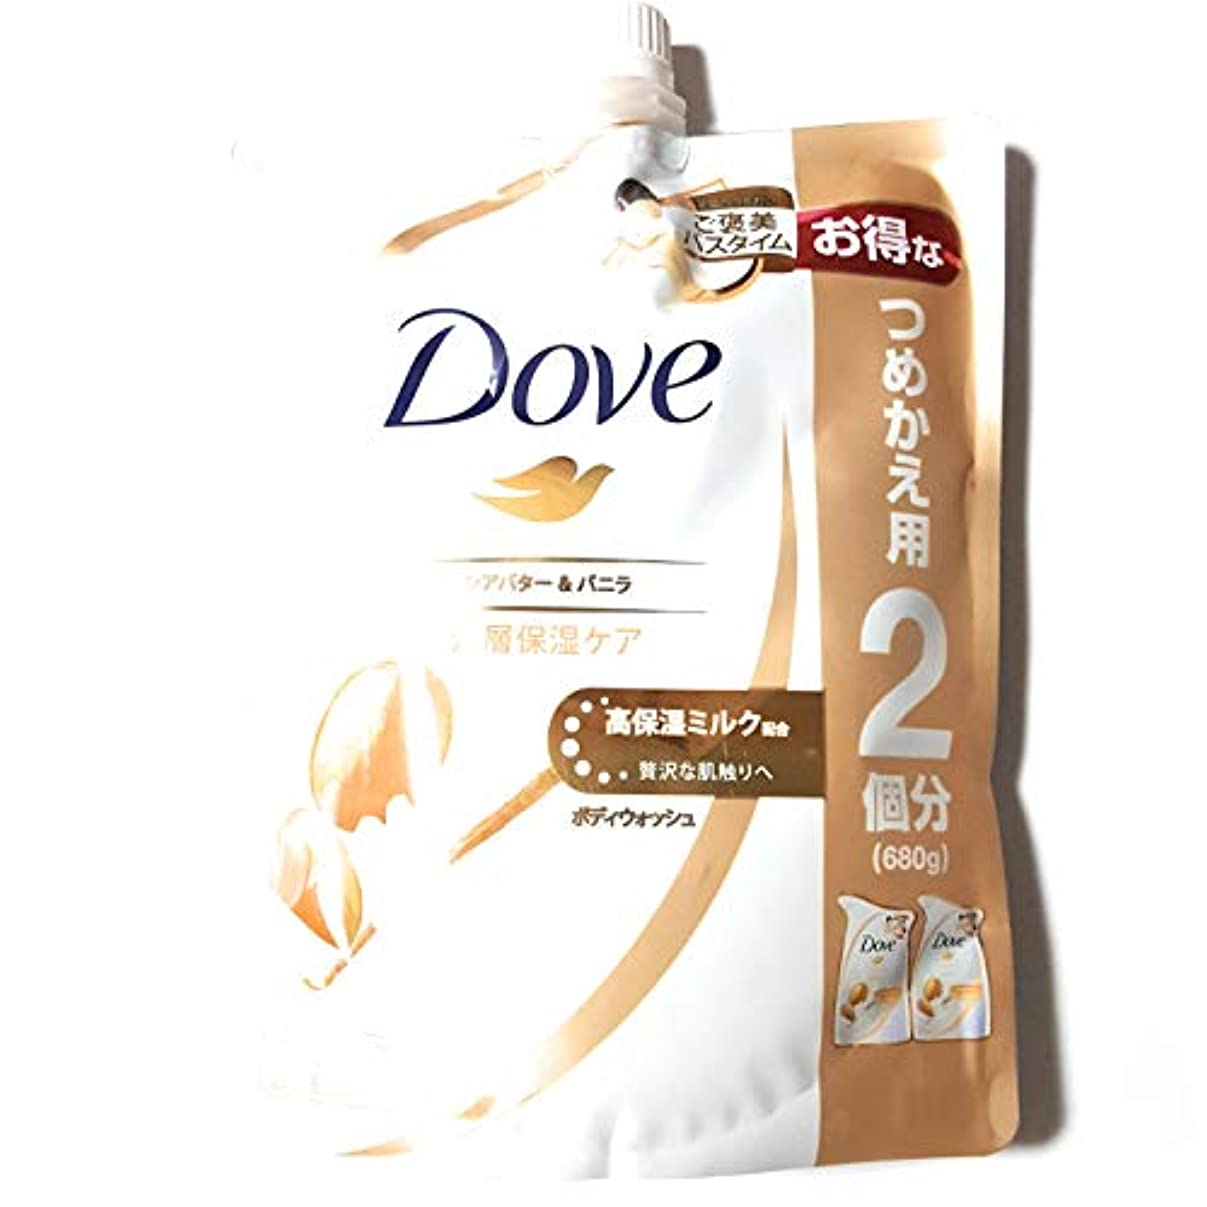 つぶす望ましい断片Dove ダヴ ボディウォッシュ リッチケア シアバター&バニラ つめかえ用680g